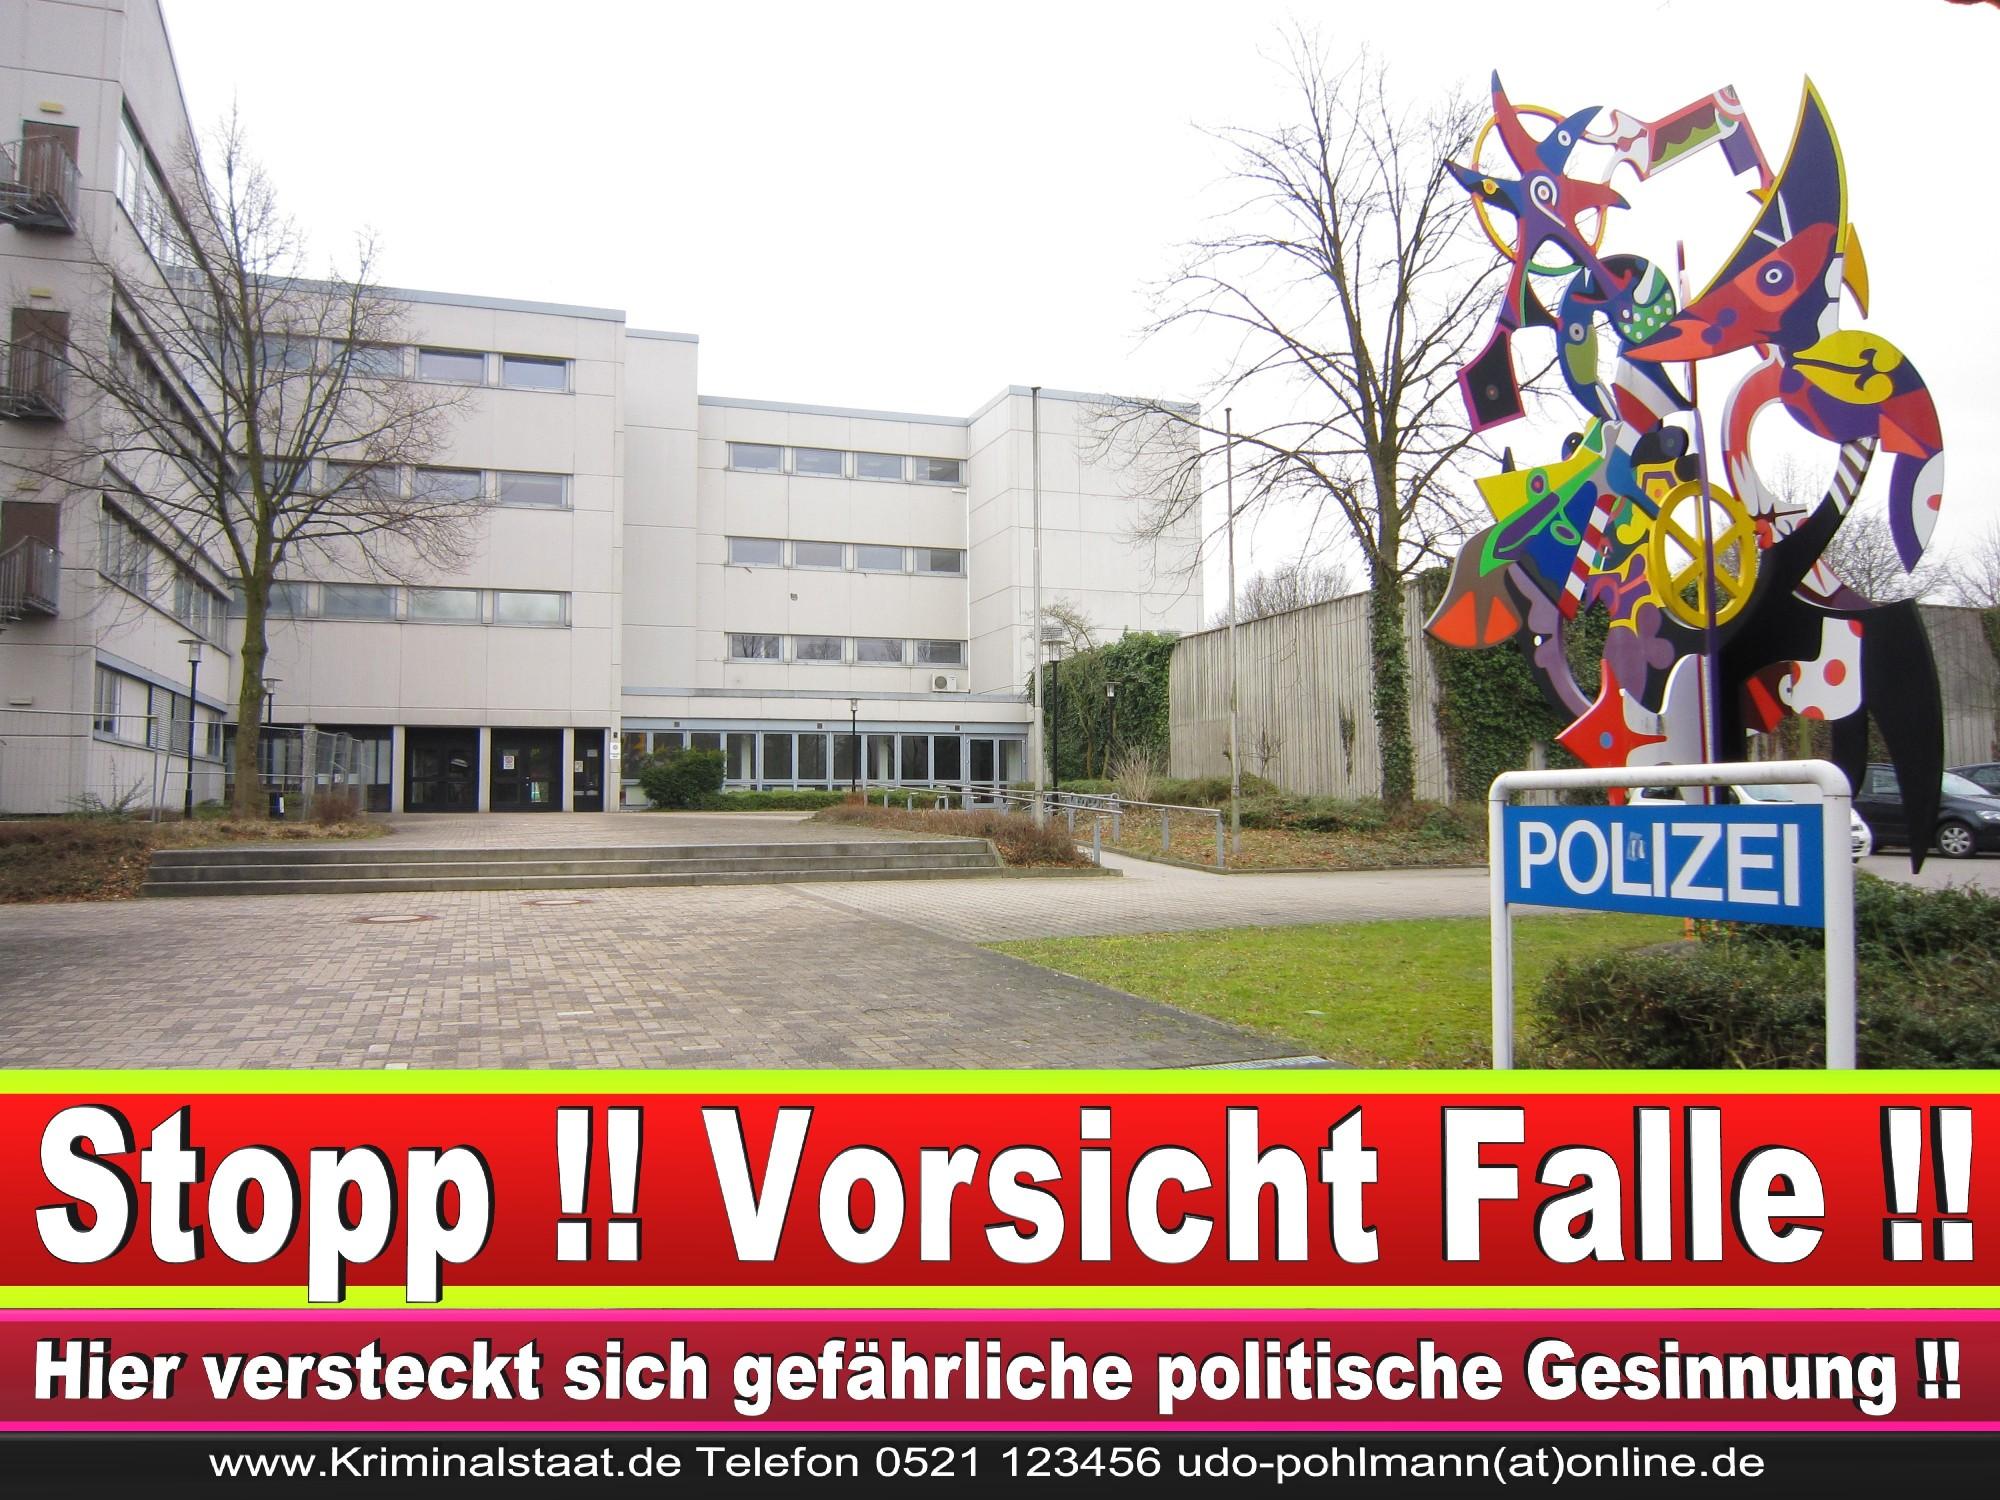 Polizei Bielefeld Gütersloh Detmold Paderborn Polizeiauto Polizeiuniform USA Deutschland Insignien Rang Uniform Kostüm (20)